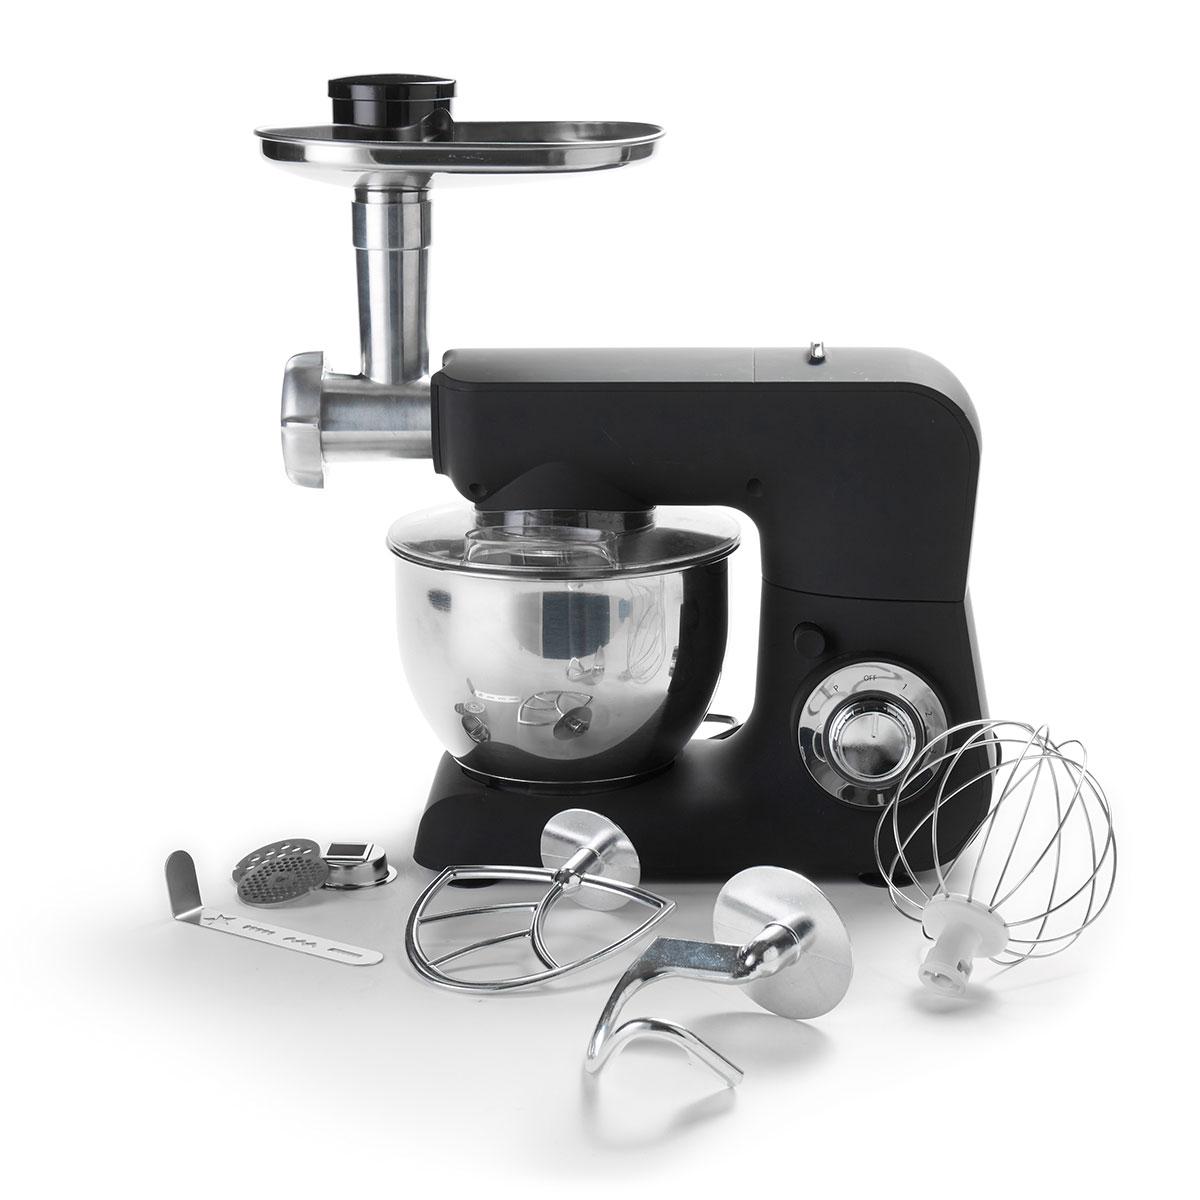 Image of   Coop køkkenmaskine - KM-601 - Sort med gummifinish